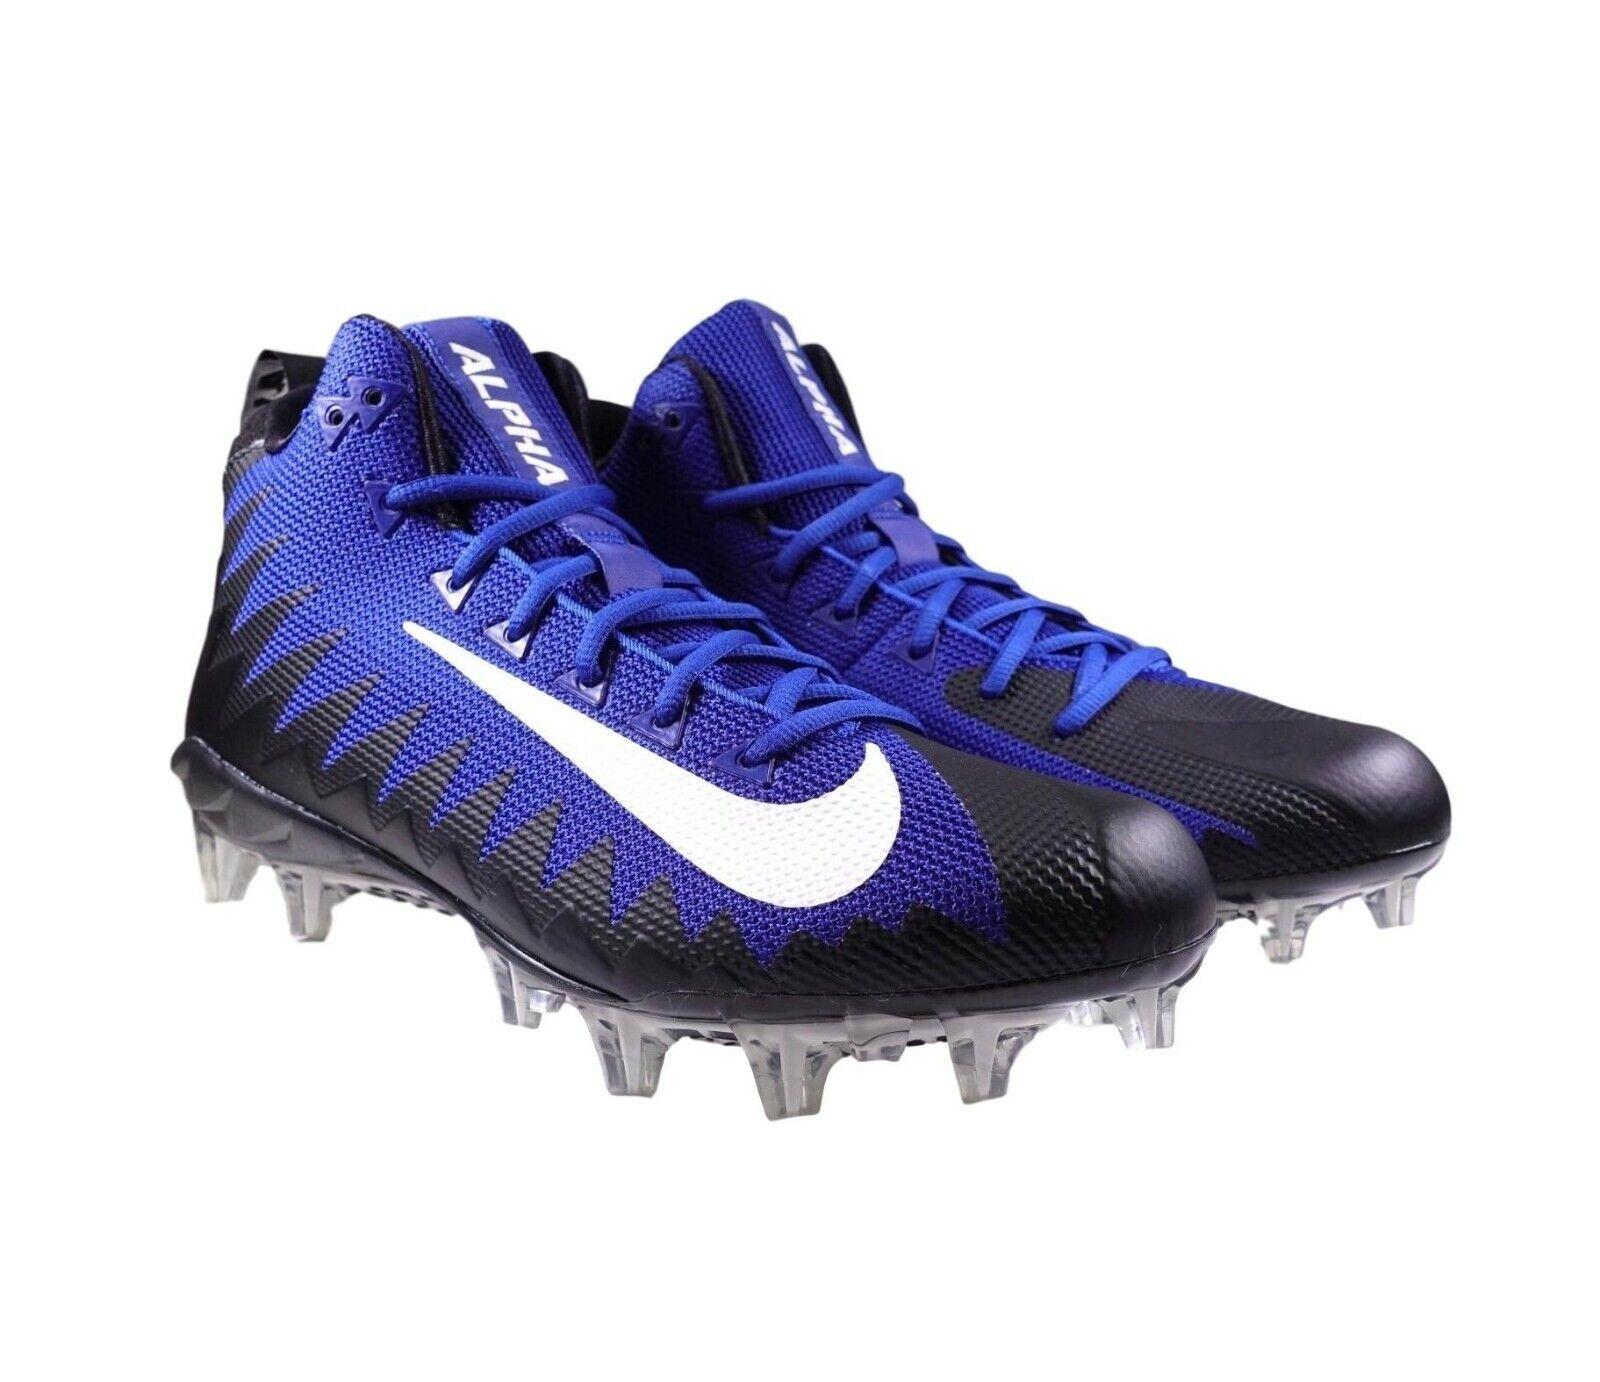 NIKE NFL Colts Edition Alpha Menace Pro